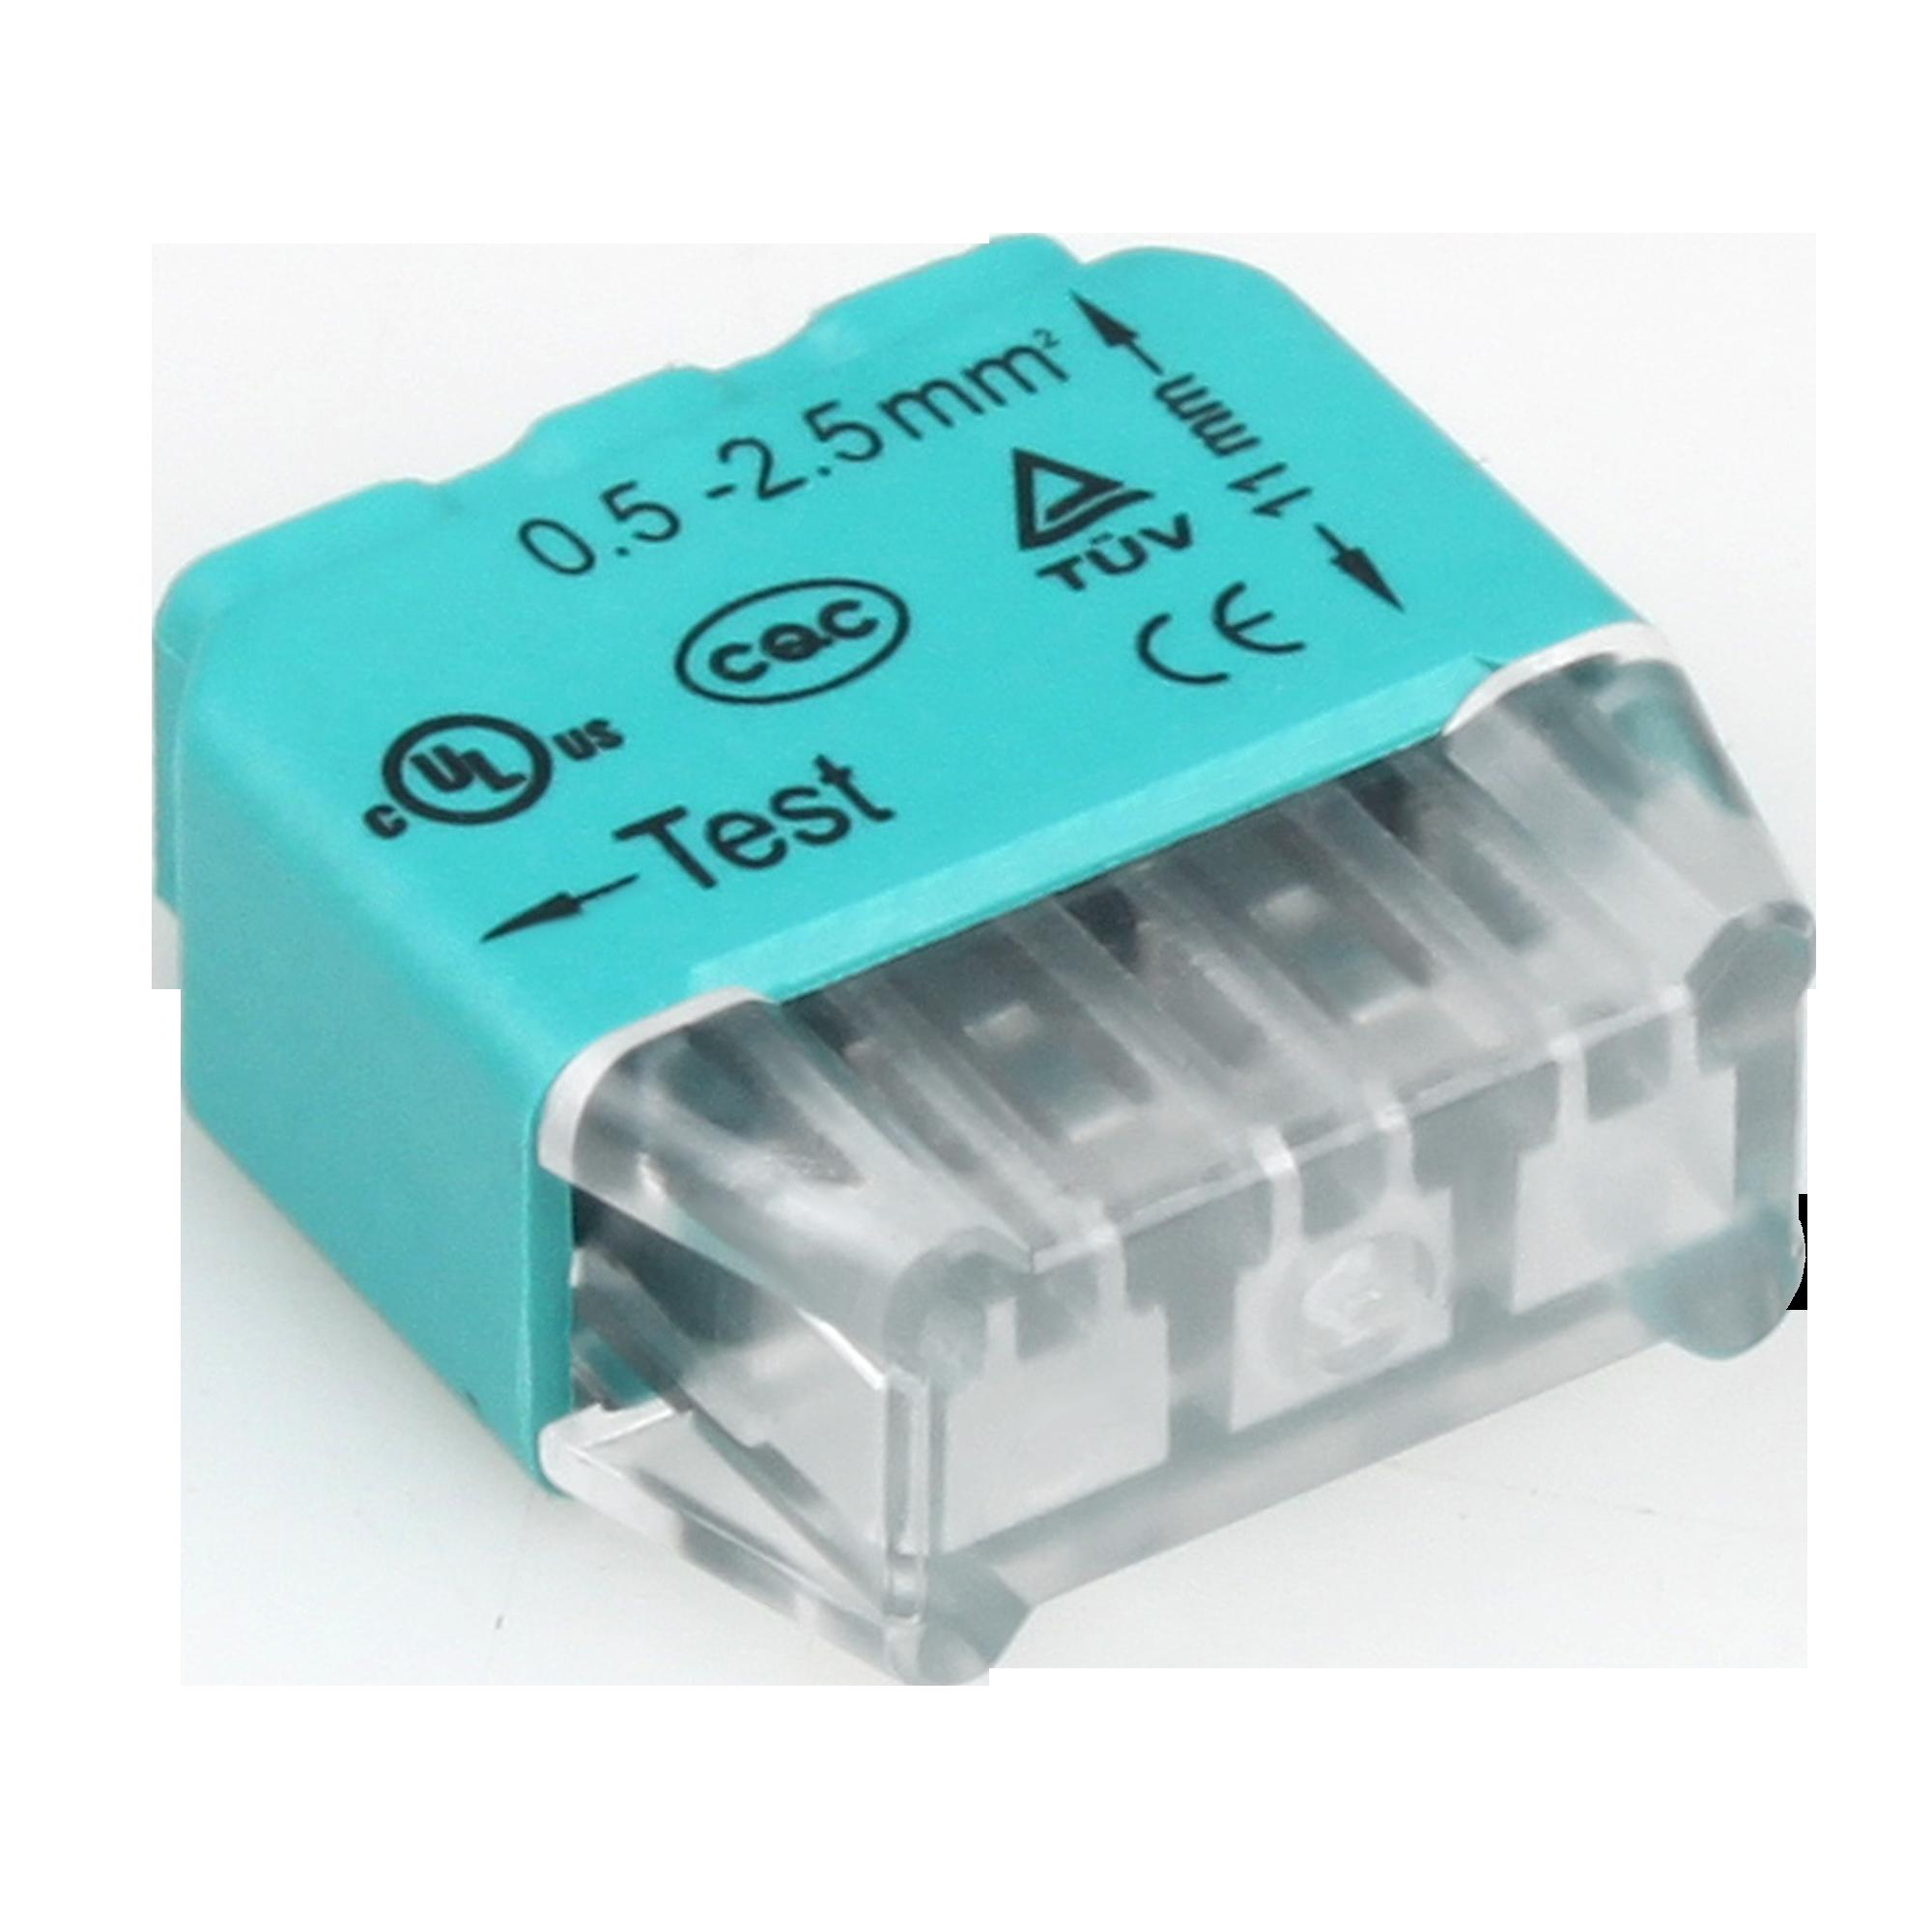 Złączka instalacyjna wciskana 3-przewodowa; Na drut 0,75-2,5mm²; IEC 300V/24A